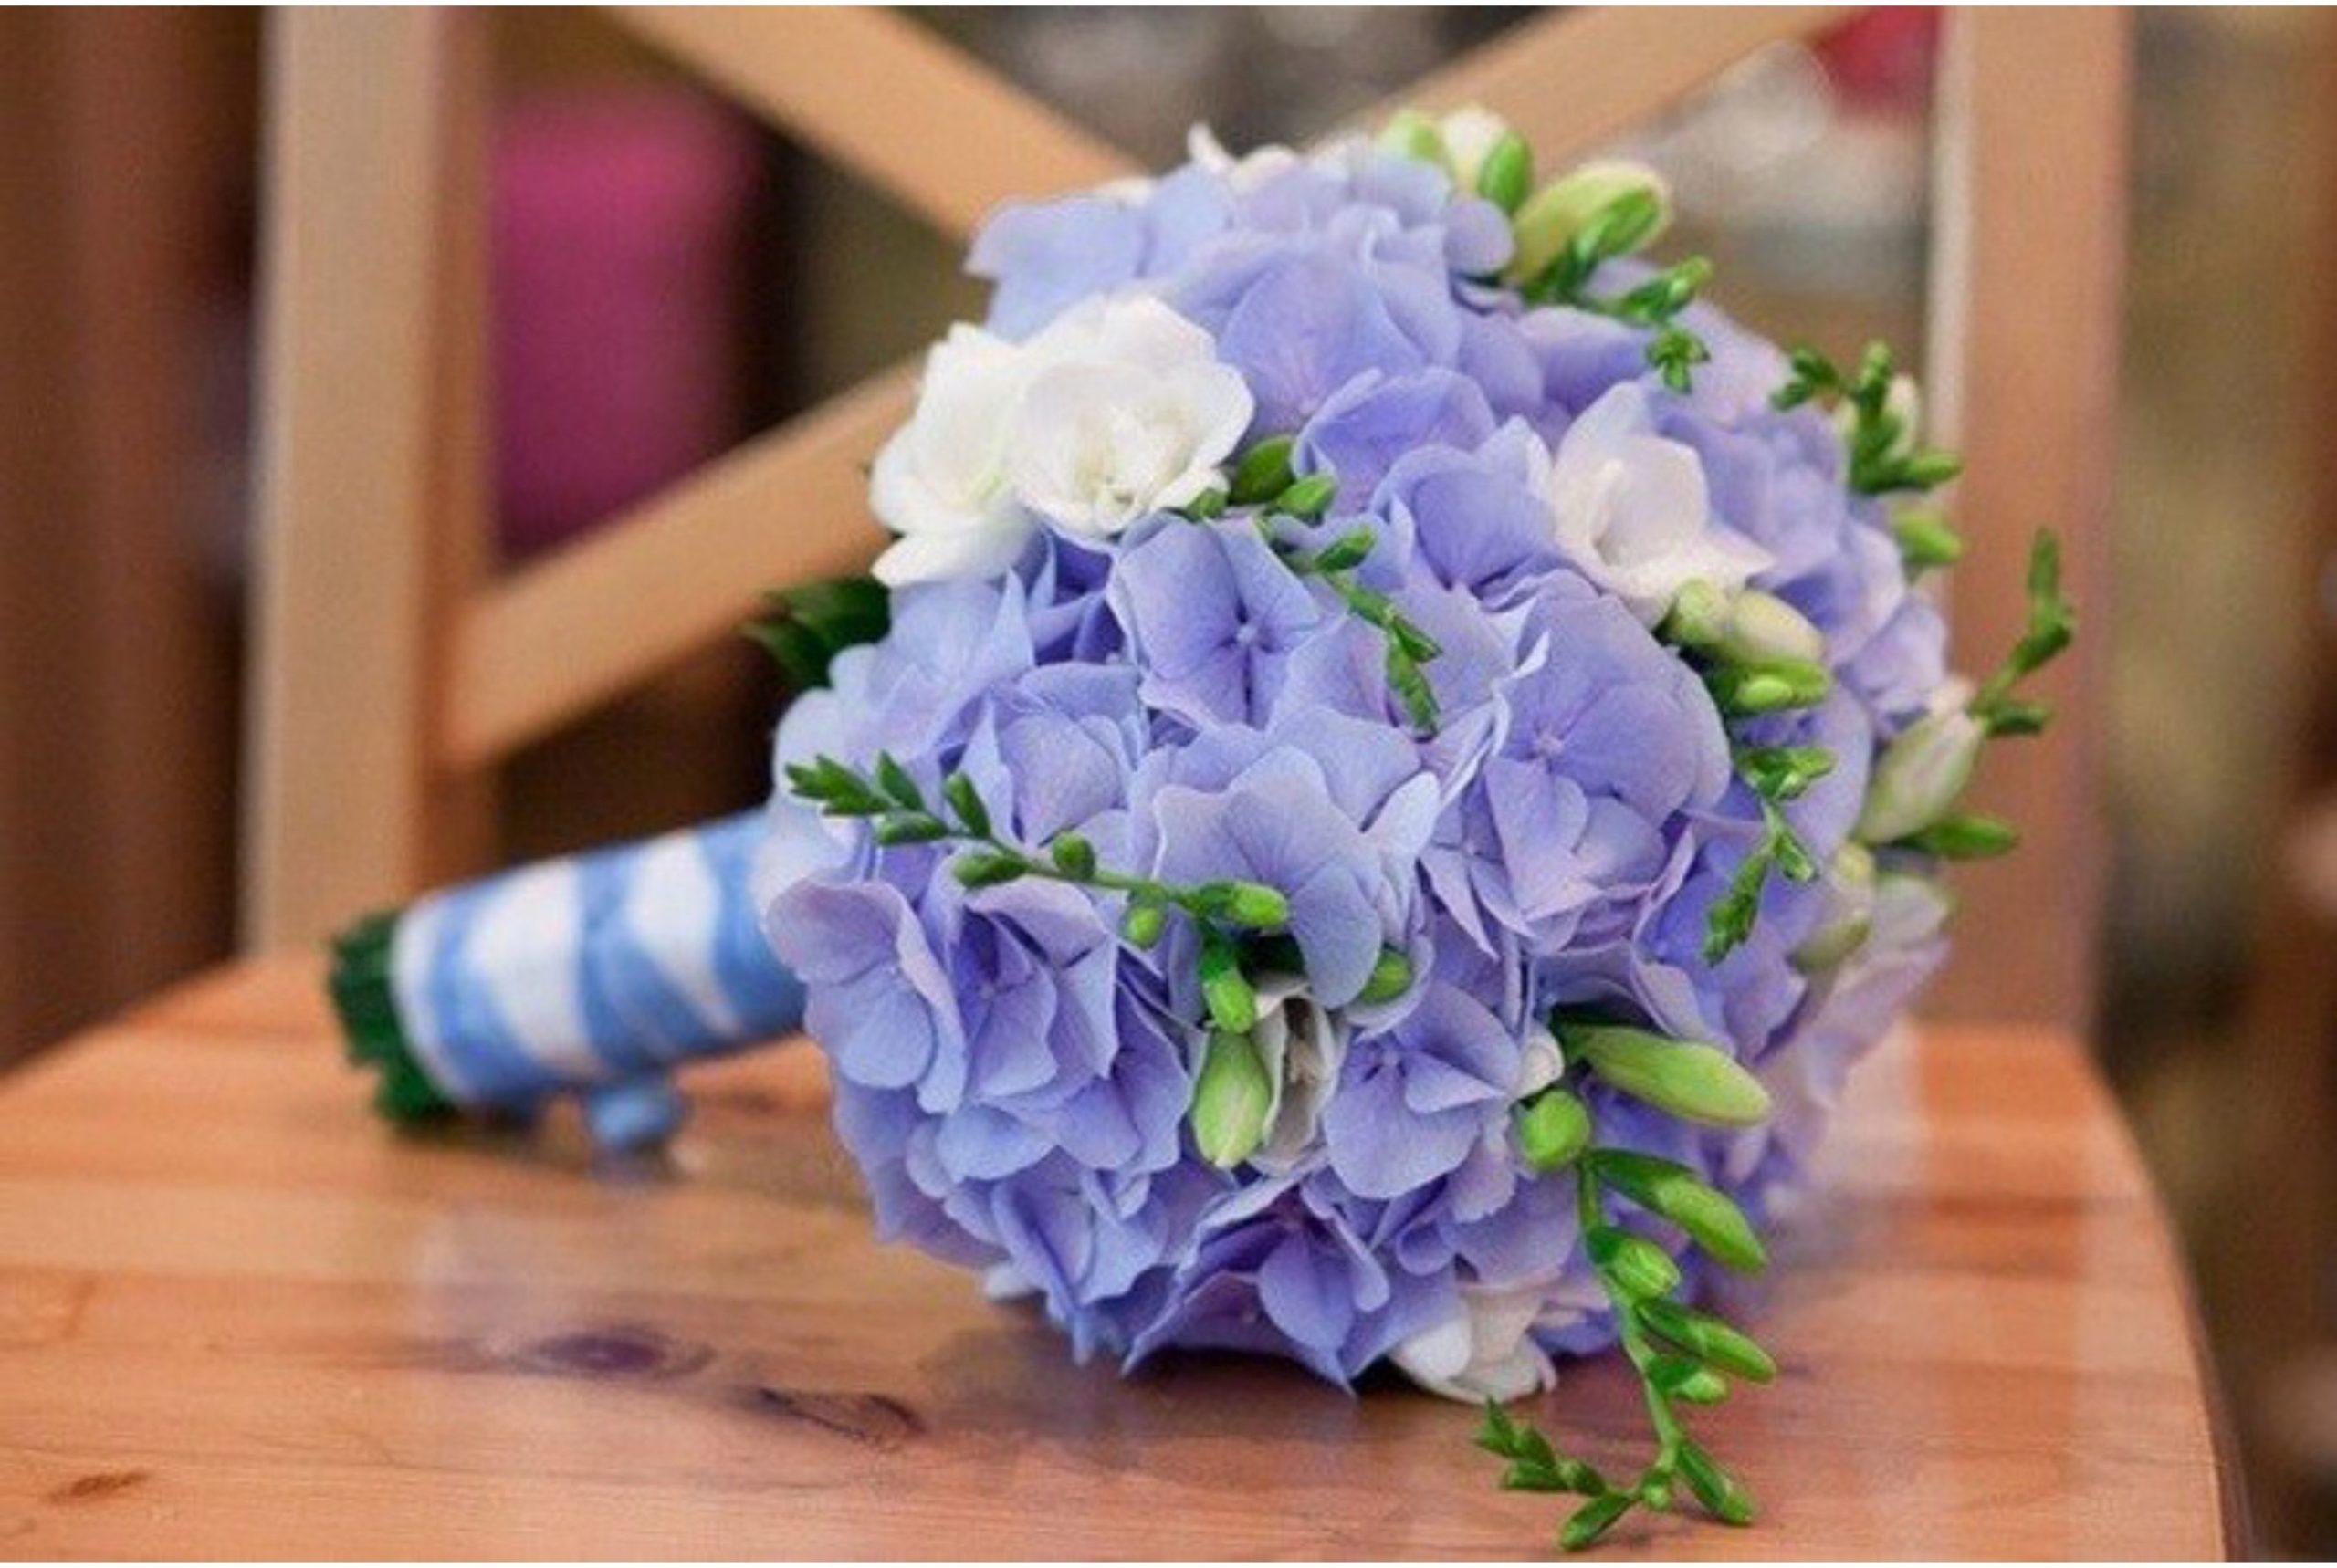 Гортензия: кому можно дарить эти цветы, согласно их знаечнию? 13